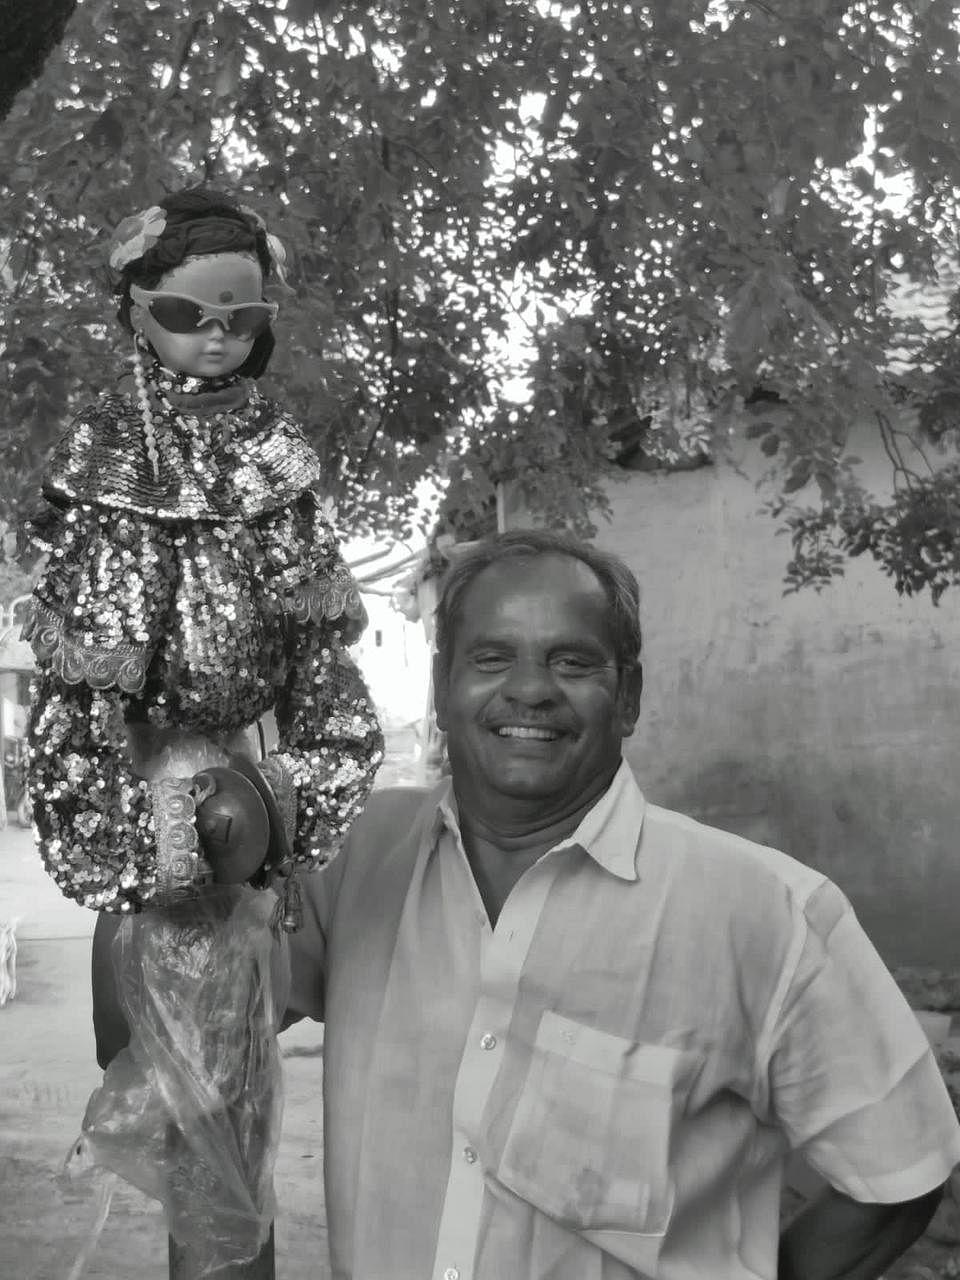 ஜவ்வு மிட்டாய் மாயாண்டி தாத்தா